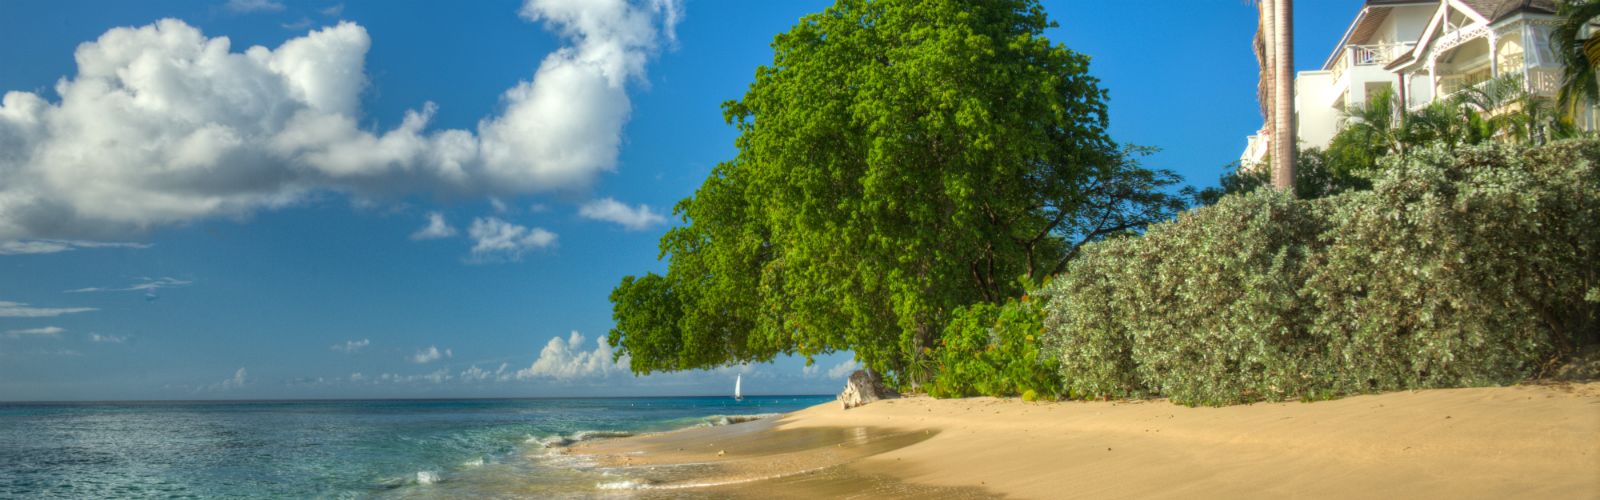 Last Minute Barbados